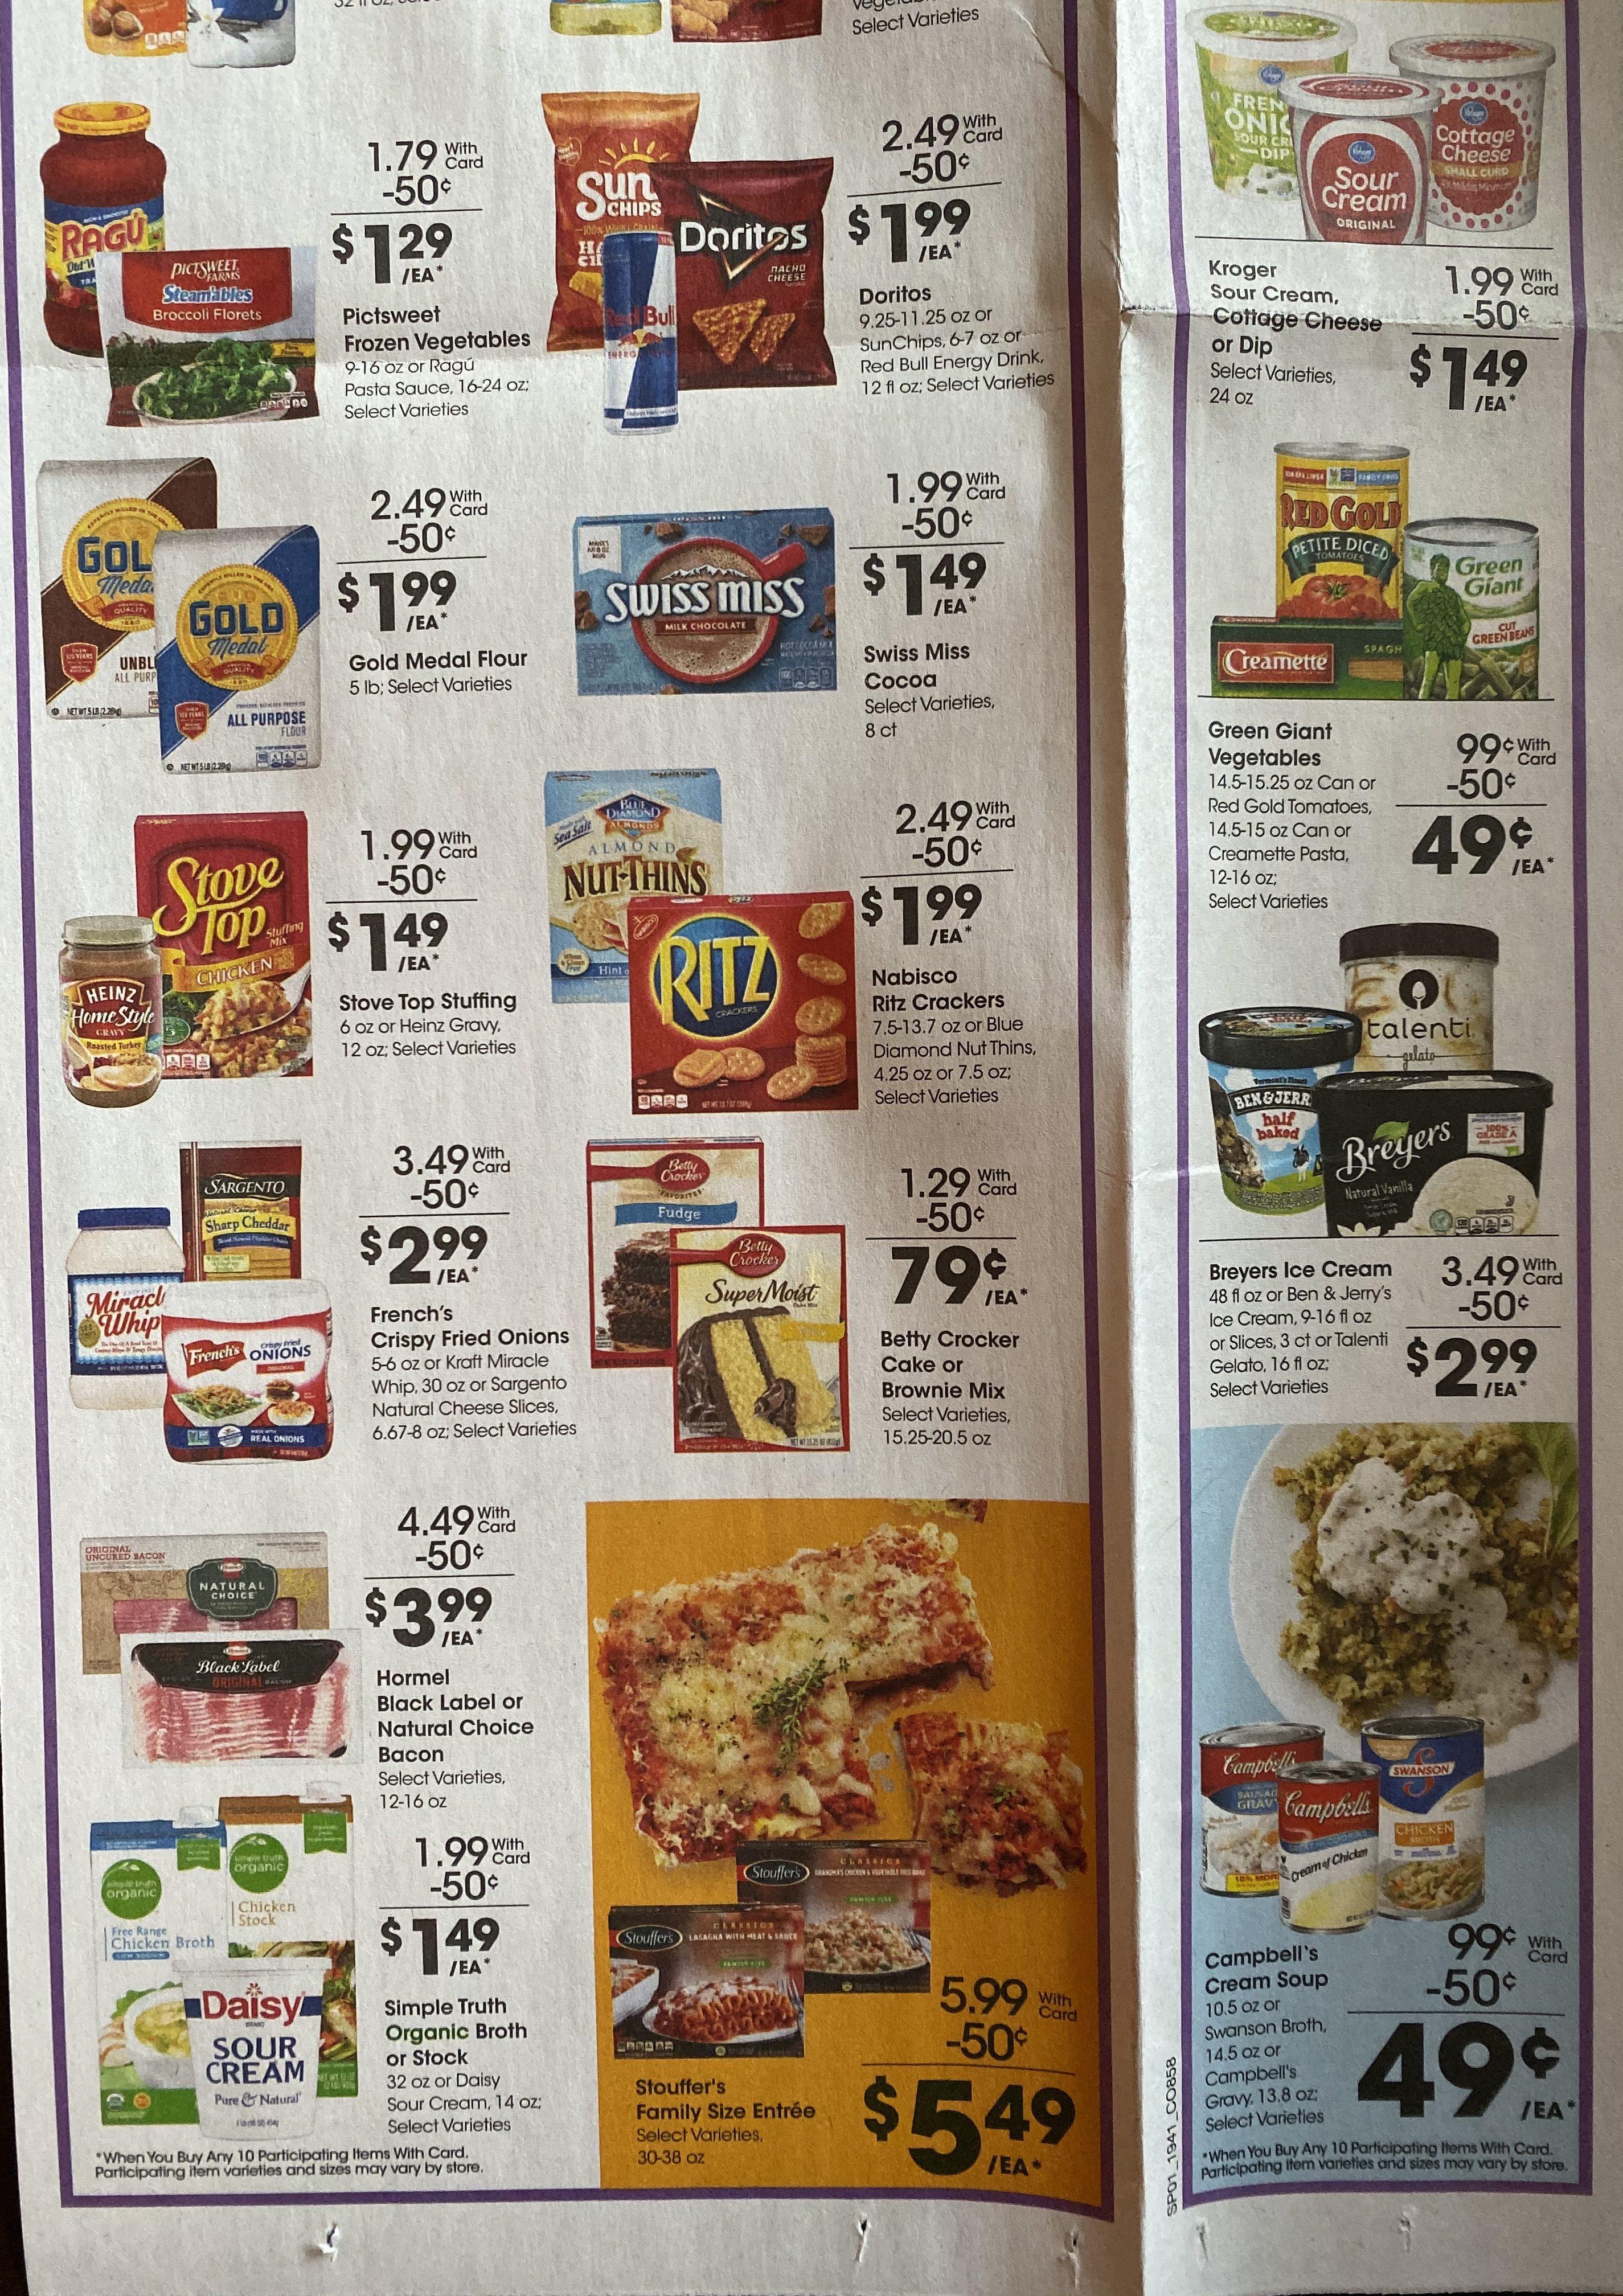 Kroger Weekly Ad 2